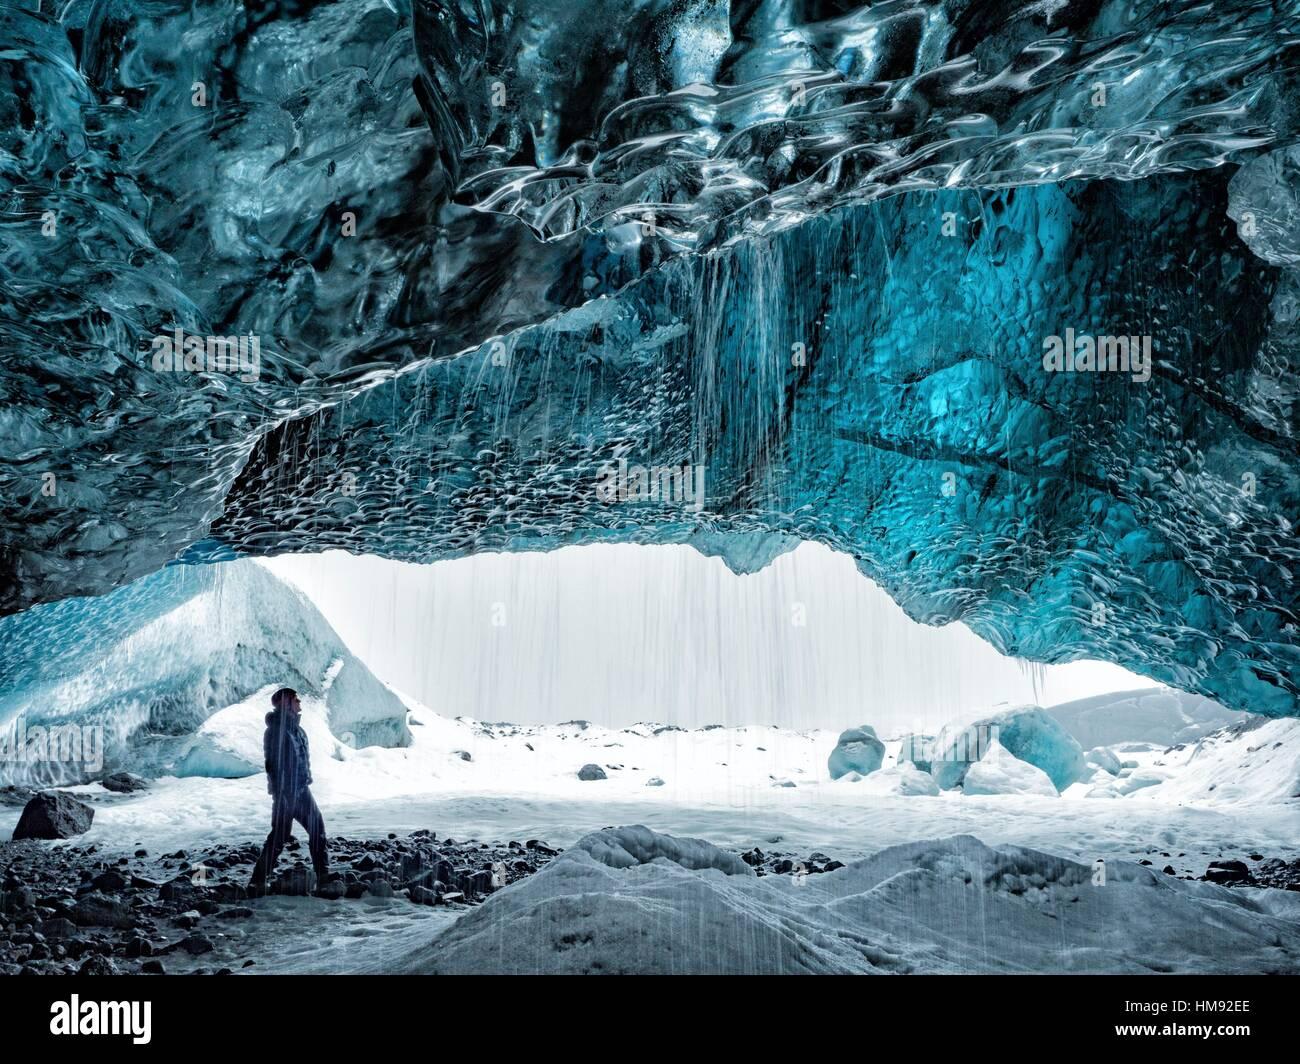 L'exploration de la grotte de glace de l'Islande. Photo Stock